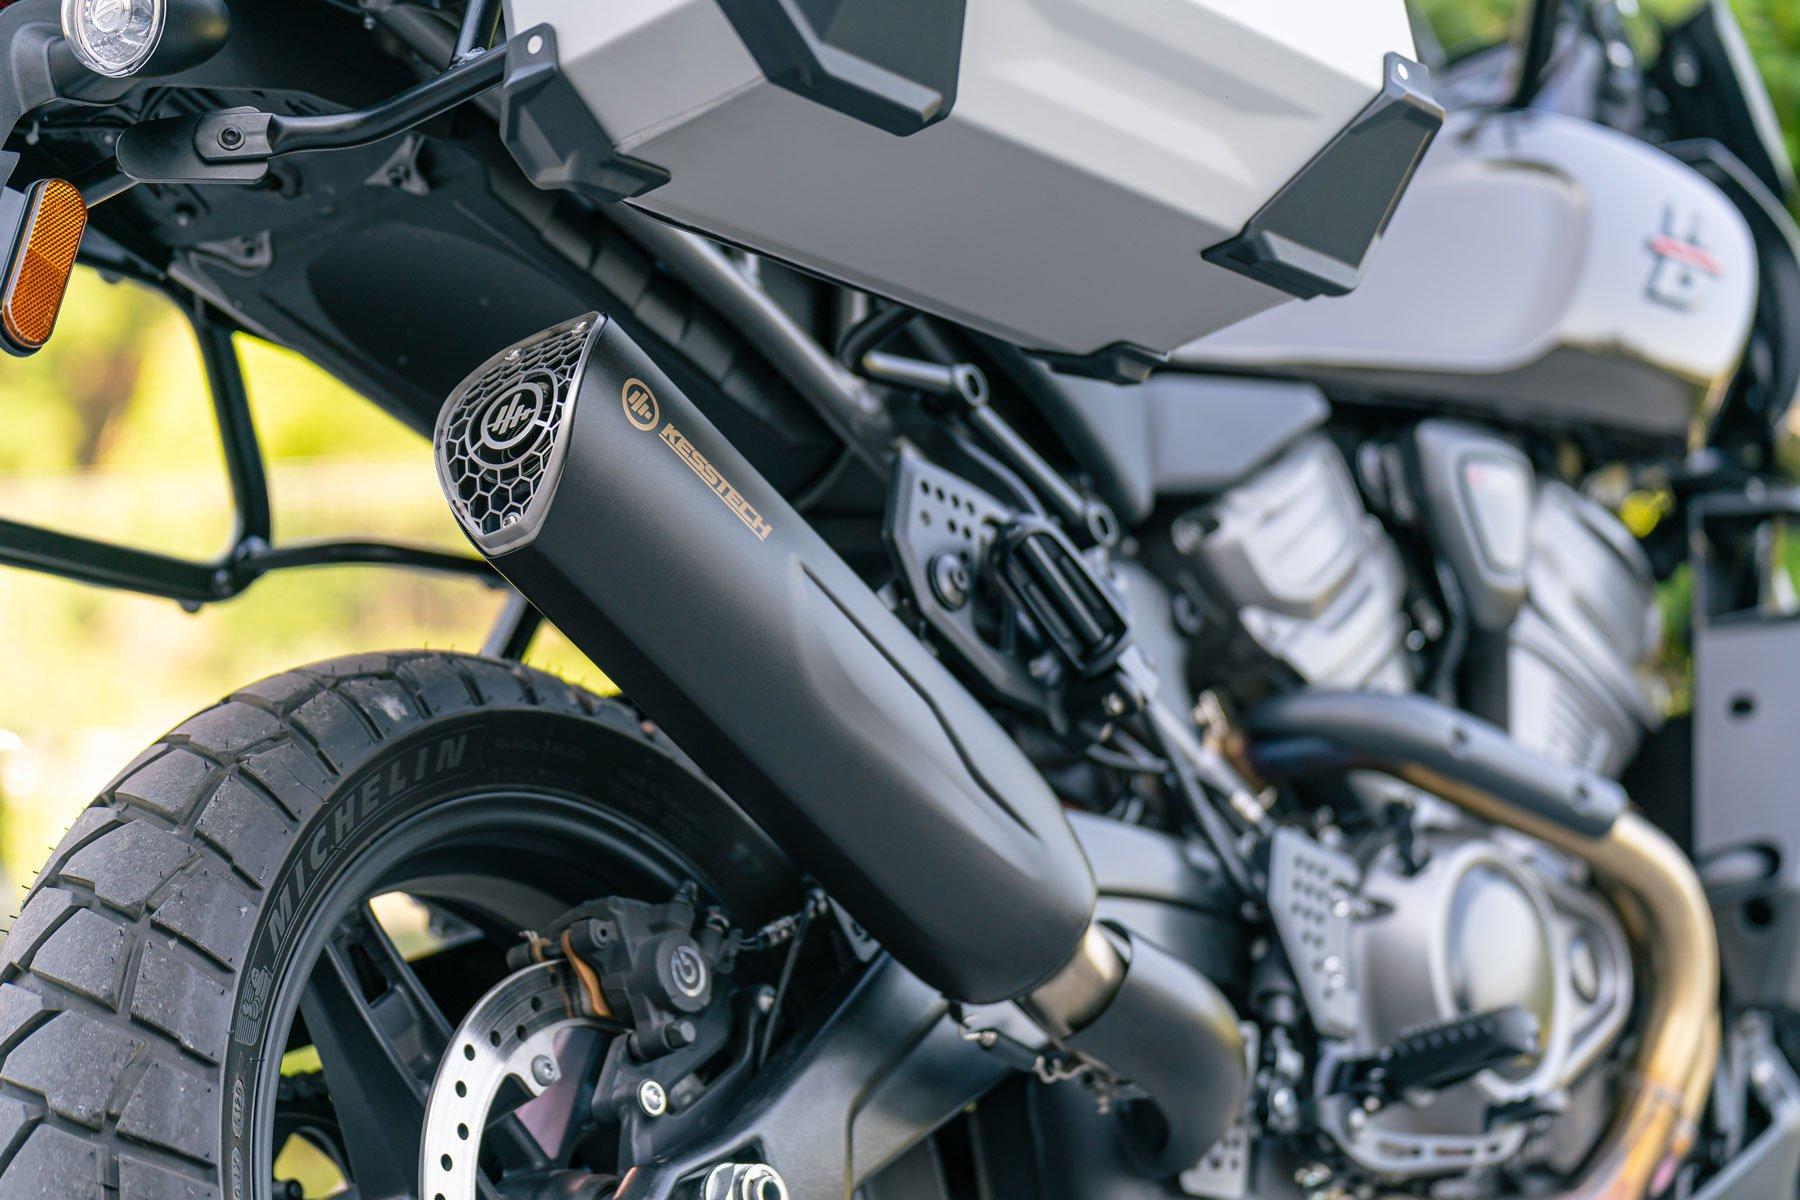 KessTech Auspuffanlage für die Pan America von Harley-Davidson